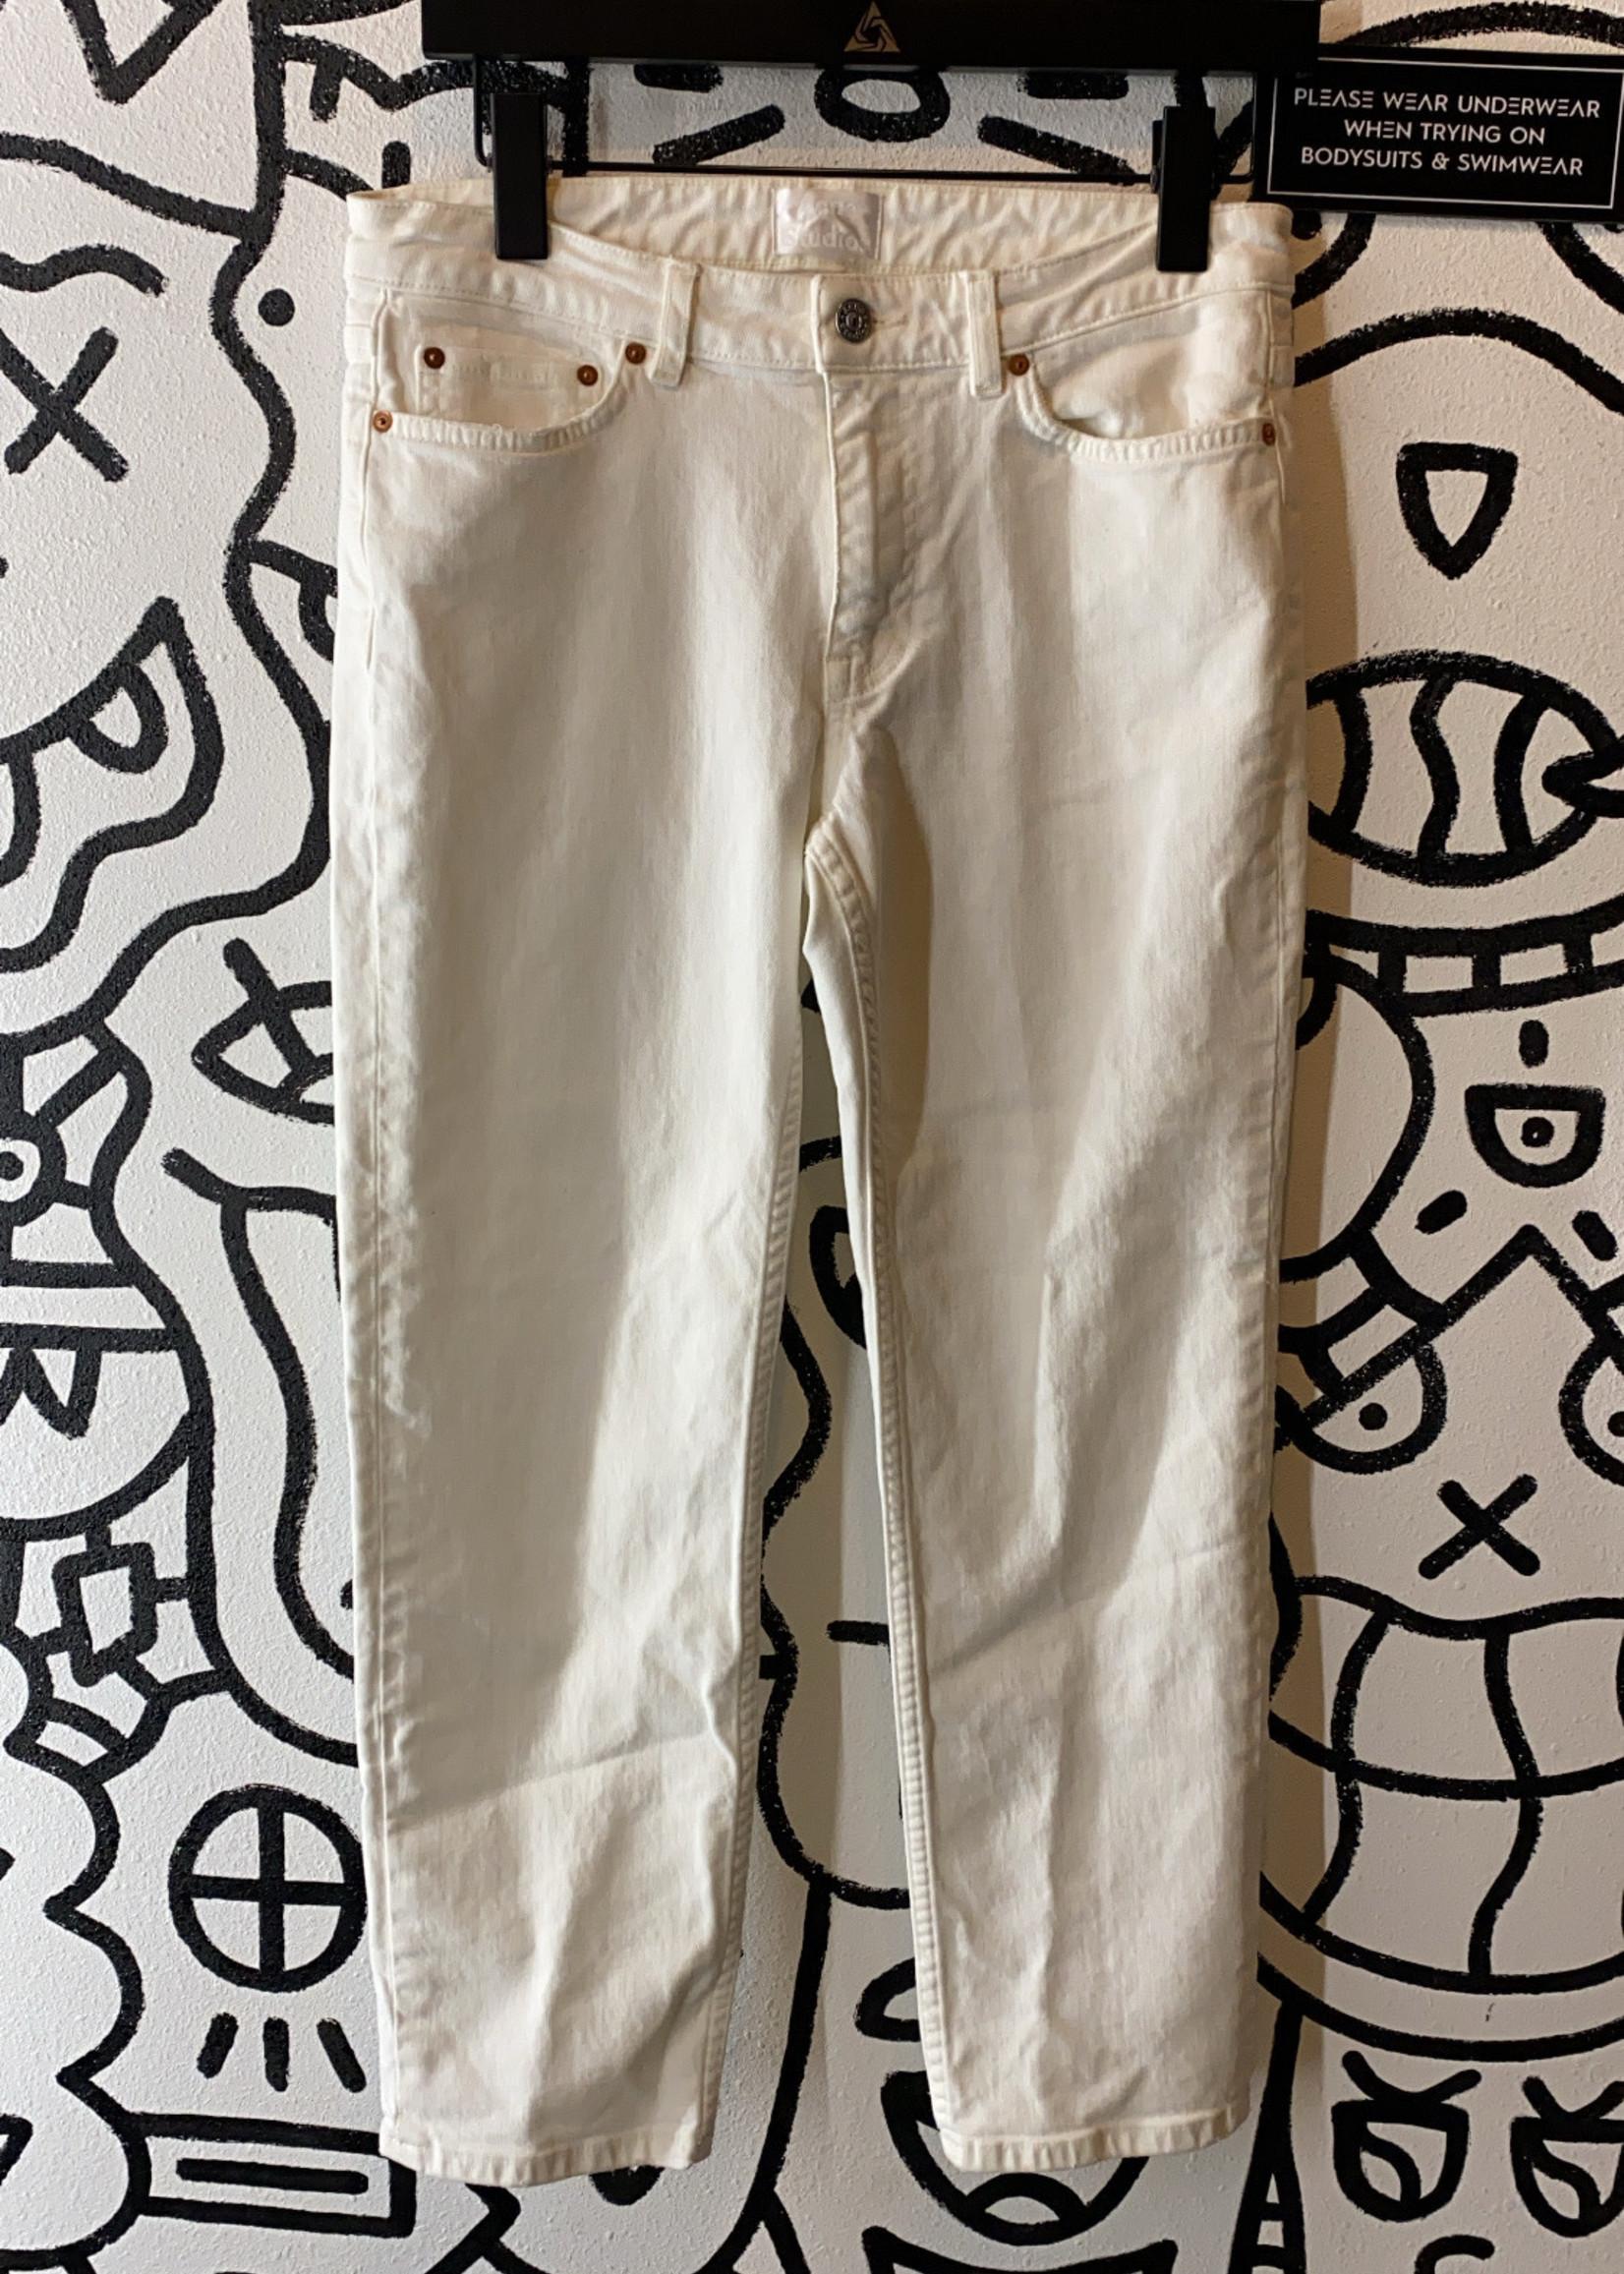 ACNE Studios Row White Vintage Jeans 26